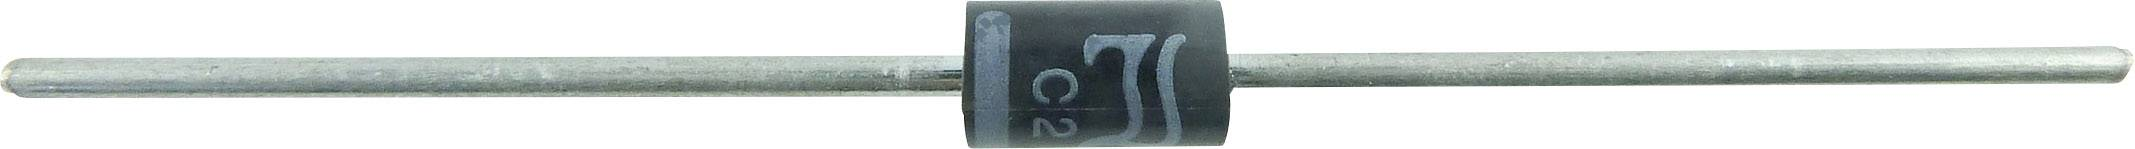 Křemíková usměrňovací dioda TRU COMPONENTS TC-1N5406, 1581852, DO-201 , 3 A, 600 V